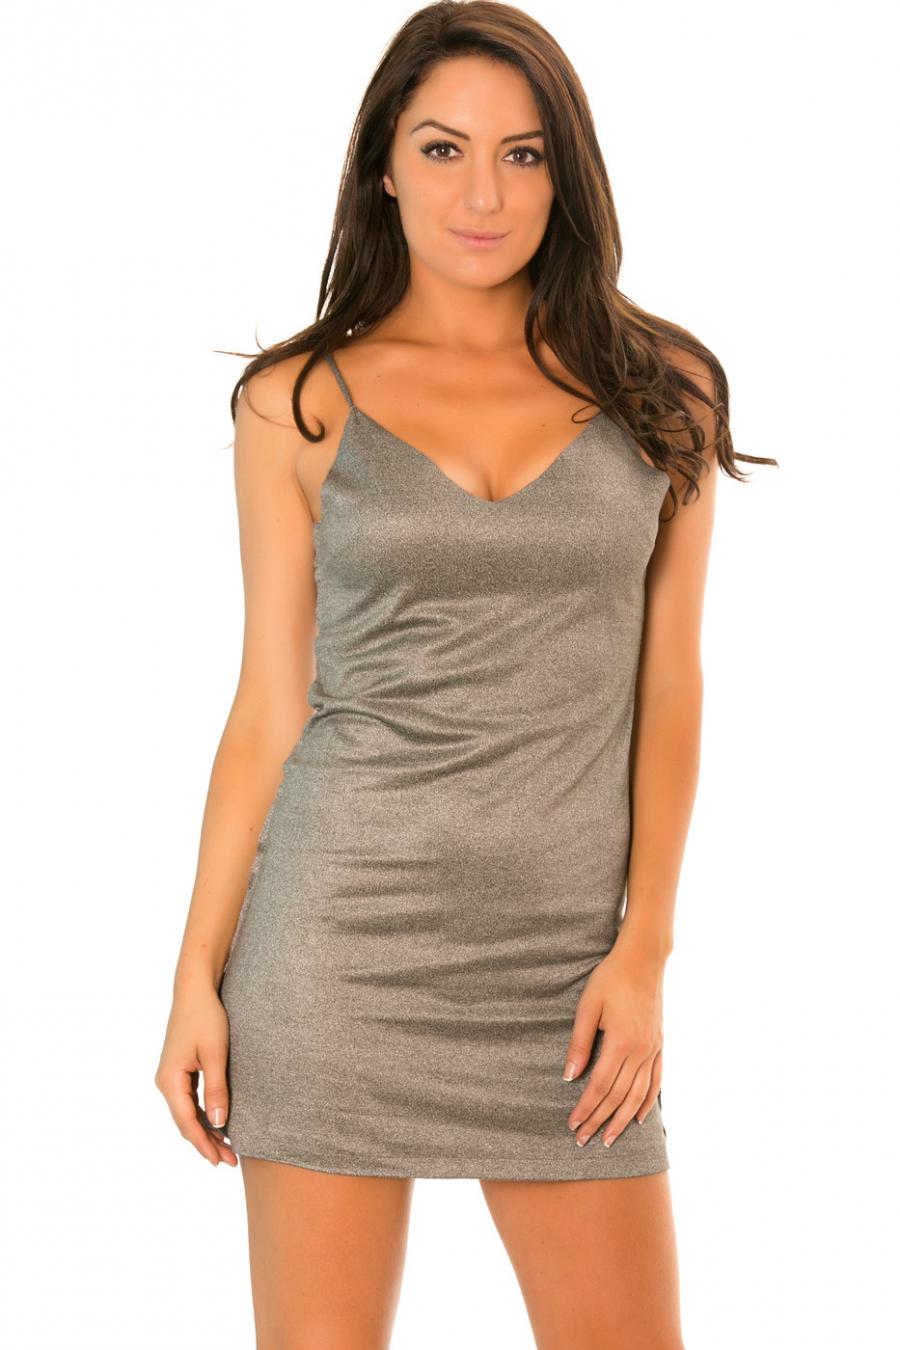 Grijze suède jurk met dunne bandjes - C229